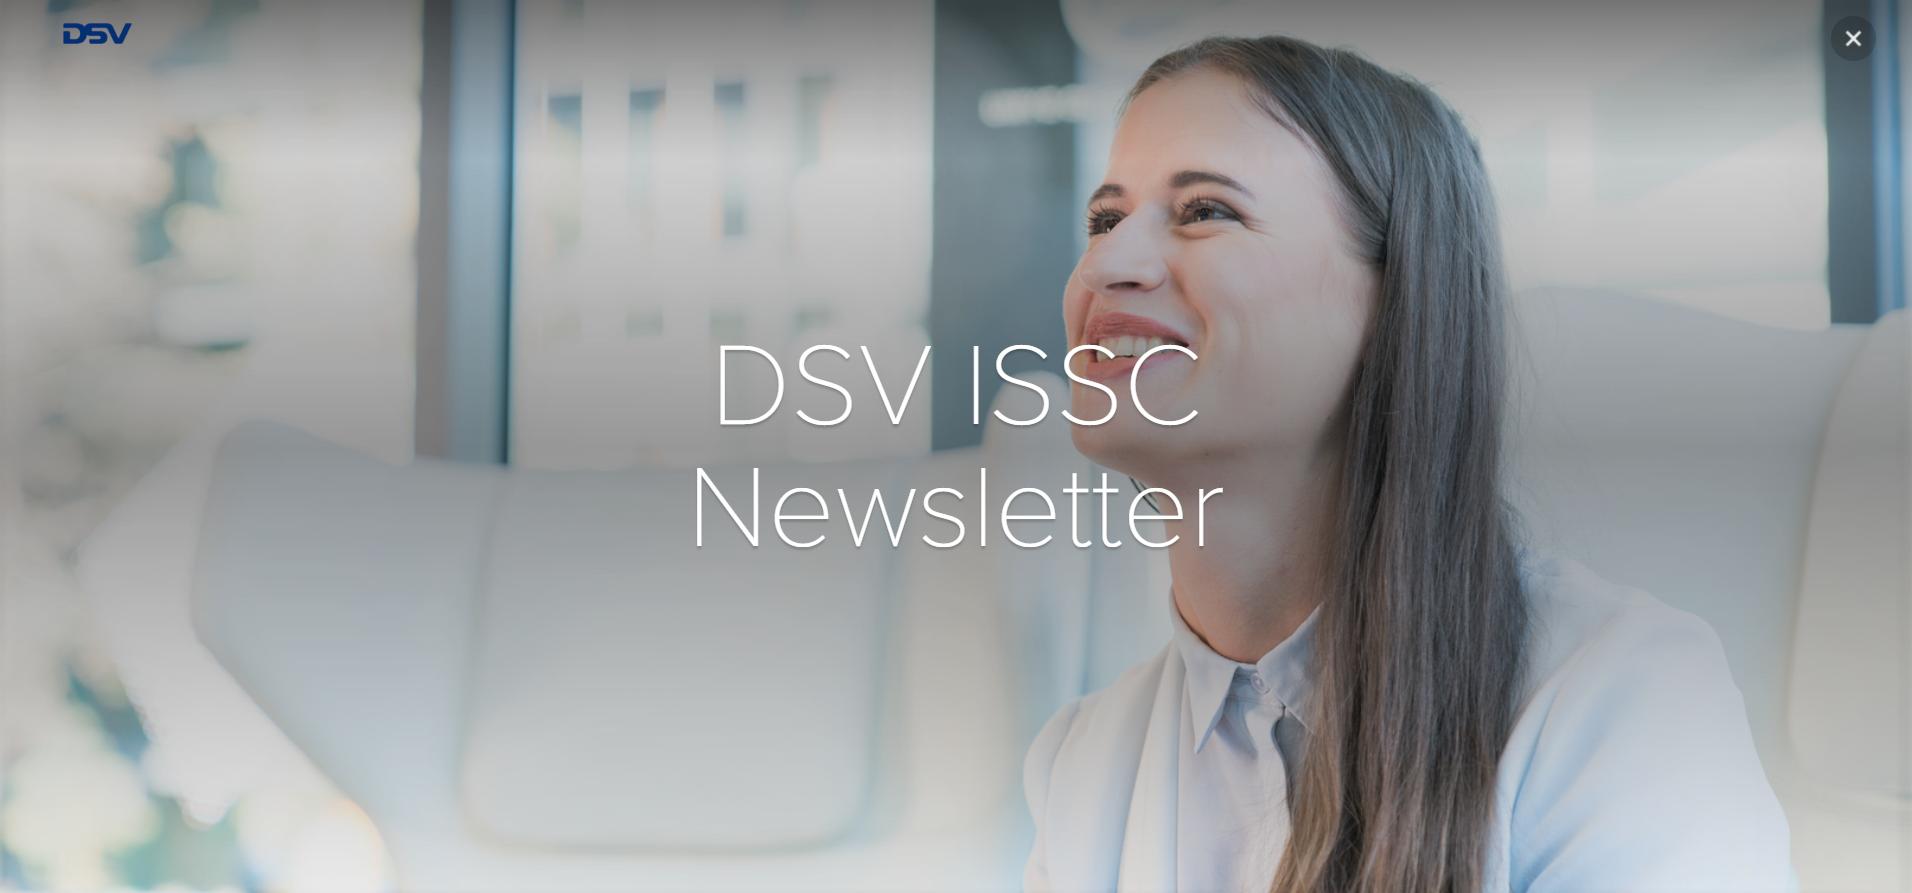 DSV ISSC Newsletter for Students